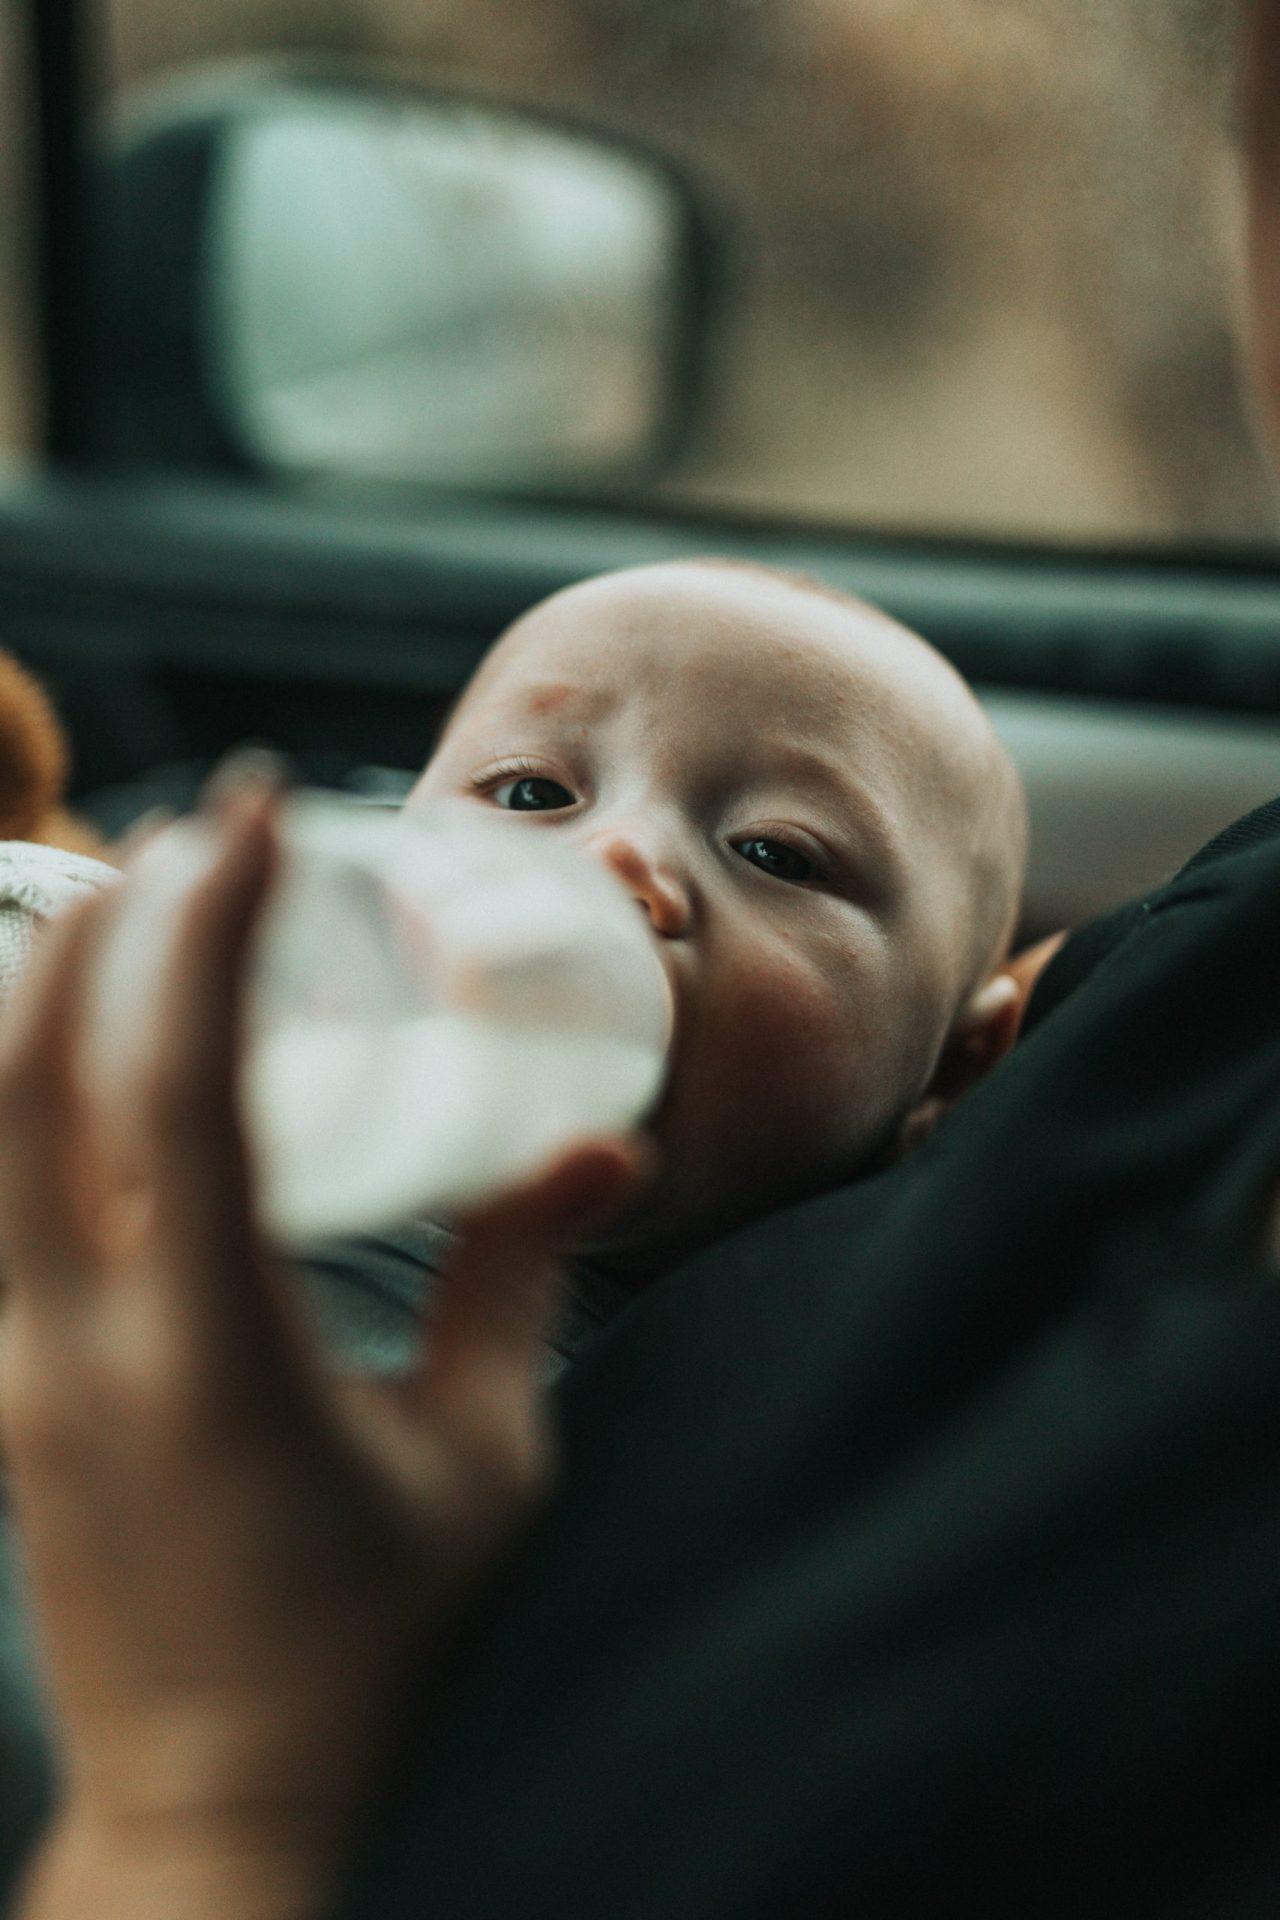 Hoe geef je je baby de fles?